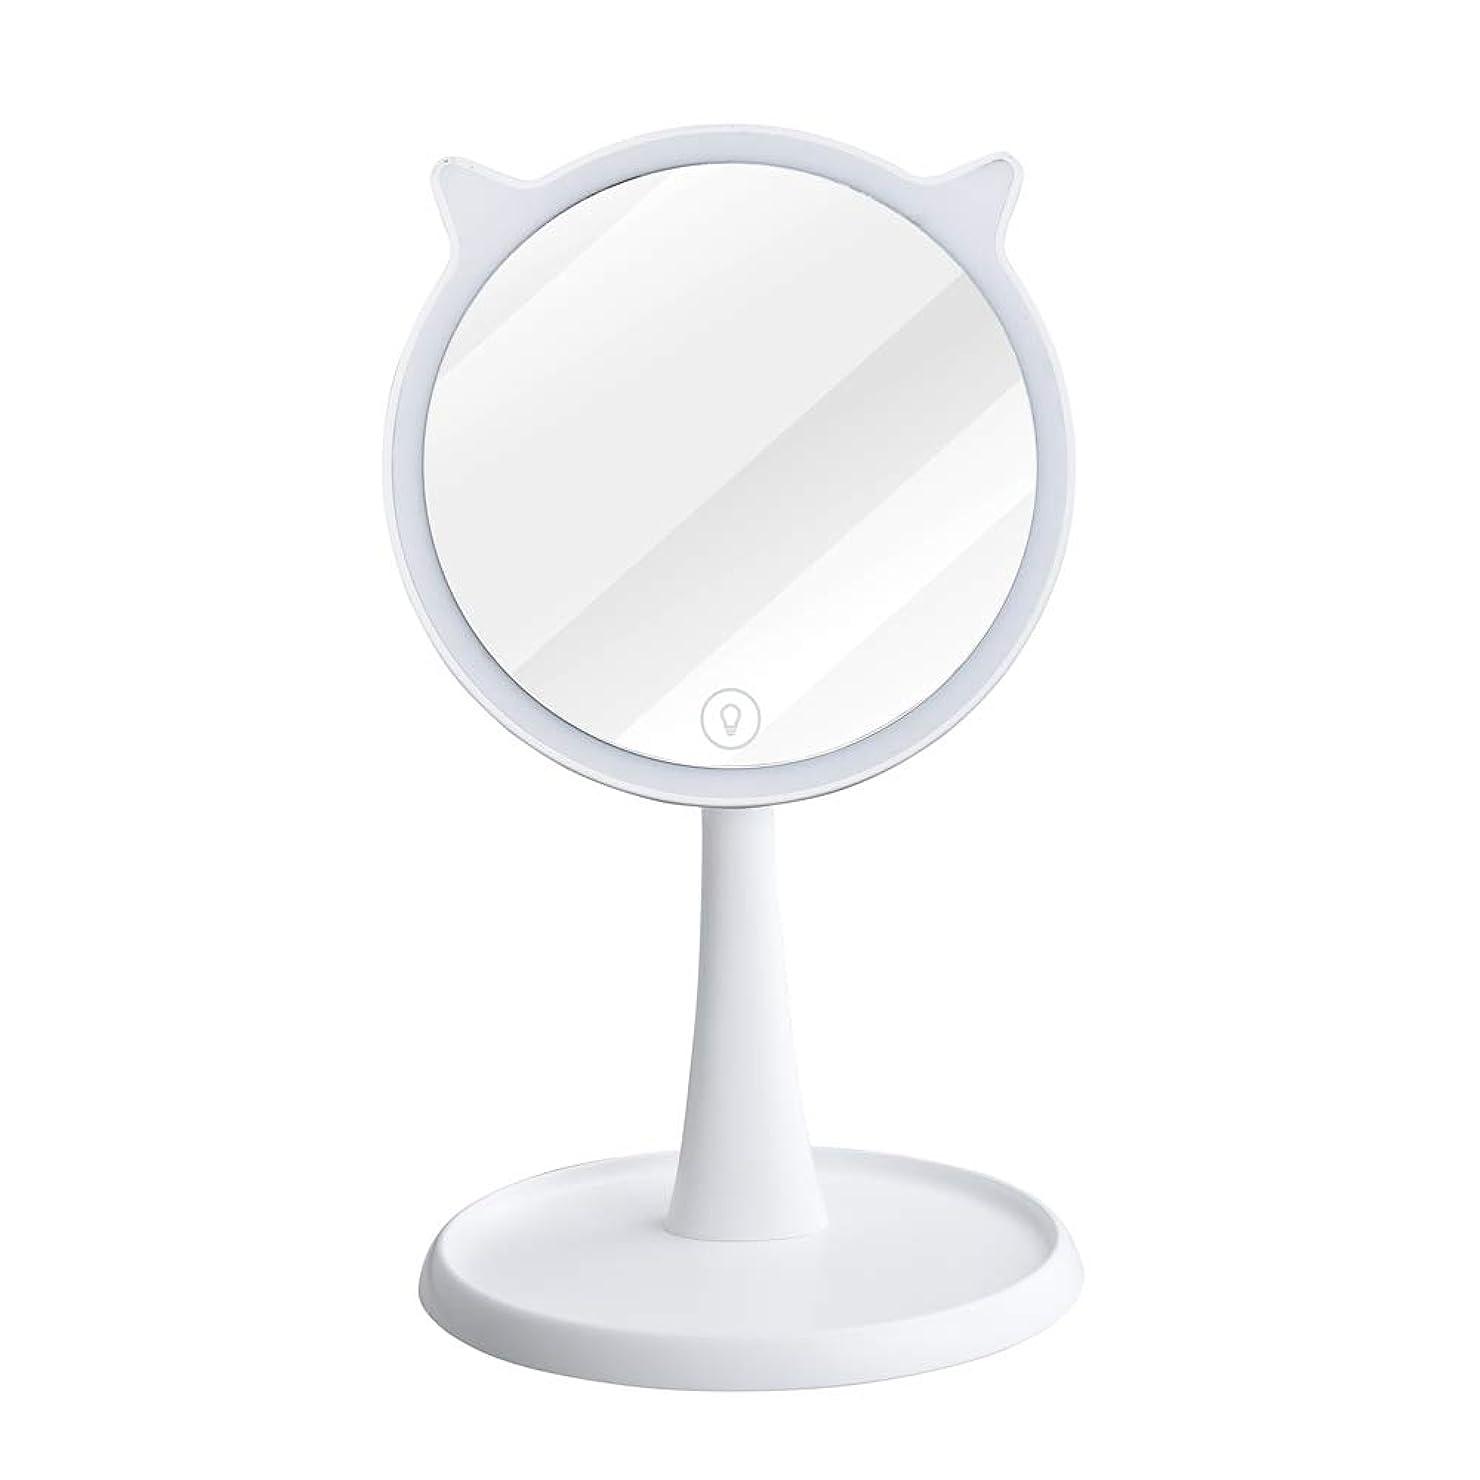 パンツレビュアー操るLED卓上化粧鏡 卓上鏡 ライト付き化粧鏡 等倍鏡 猫型化粧鏡 120度回転式 折りたたみ 収納 自然光 スタンドミラー ライティングミラー 女優ミラー ホワイト